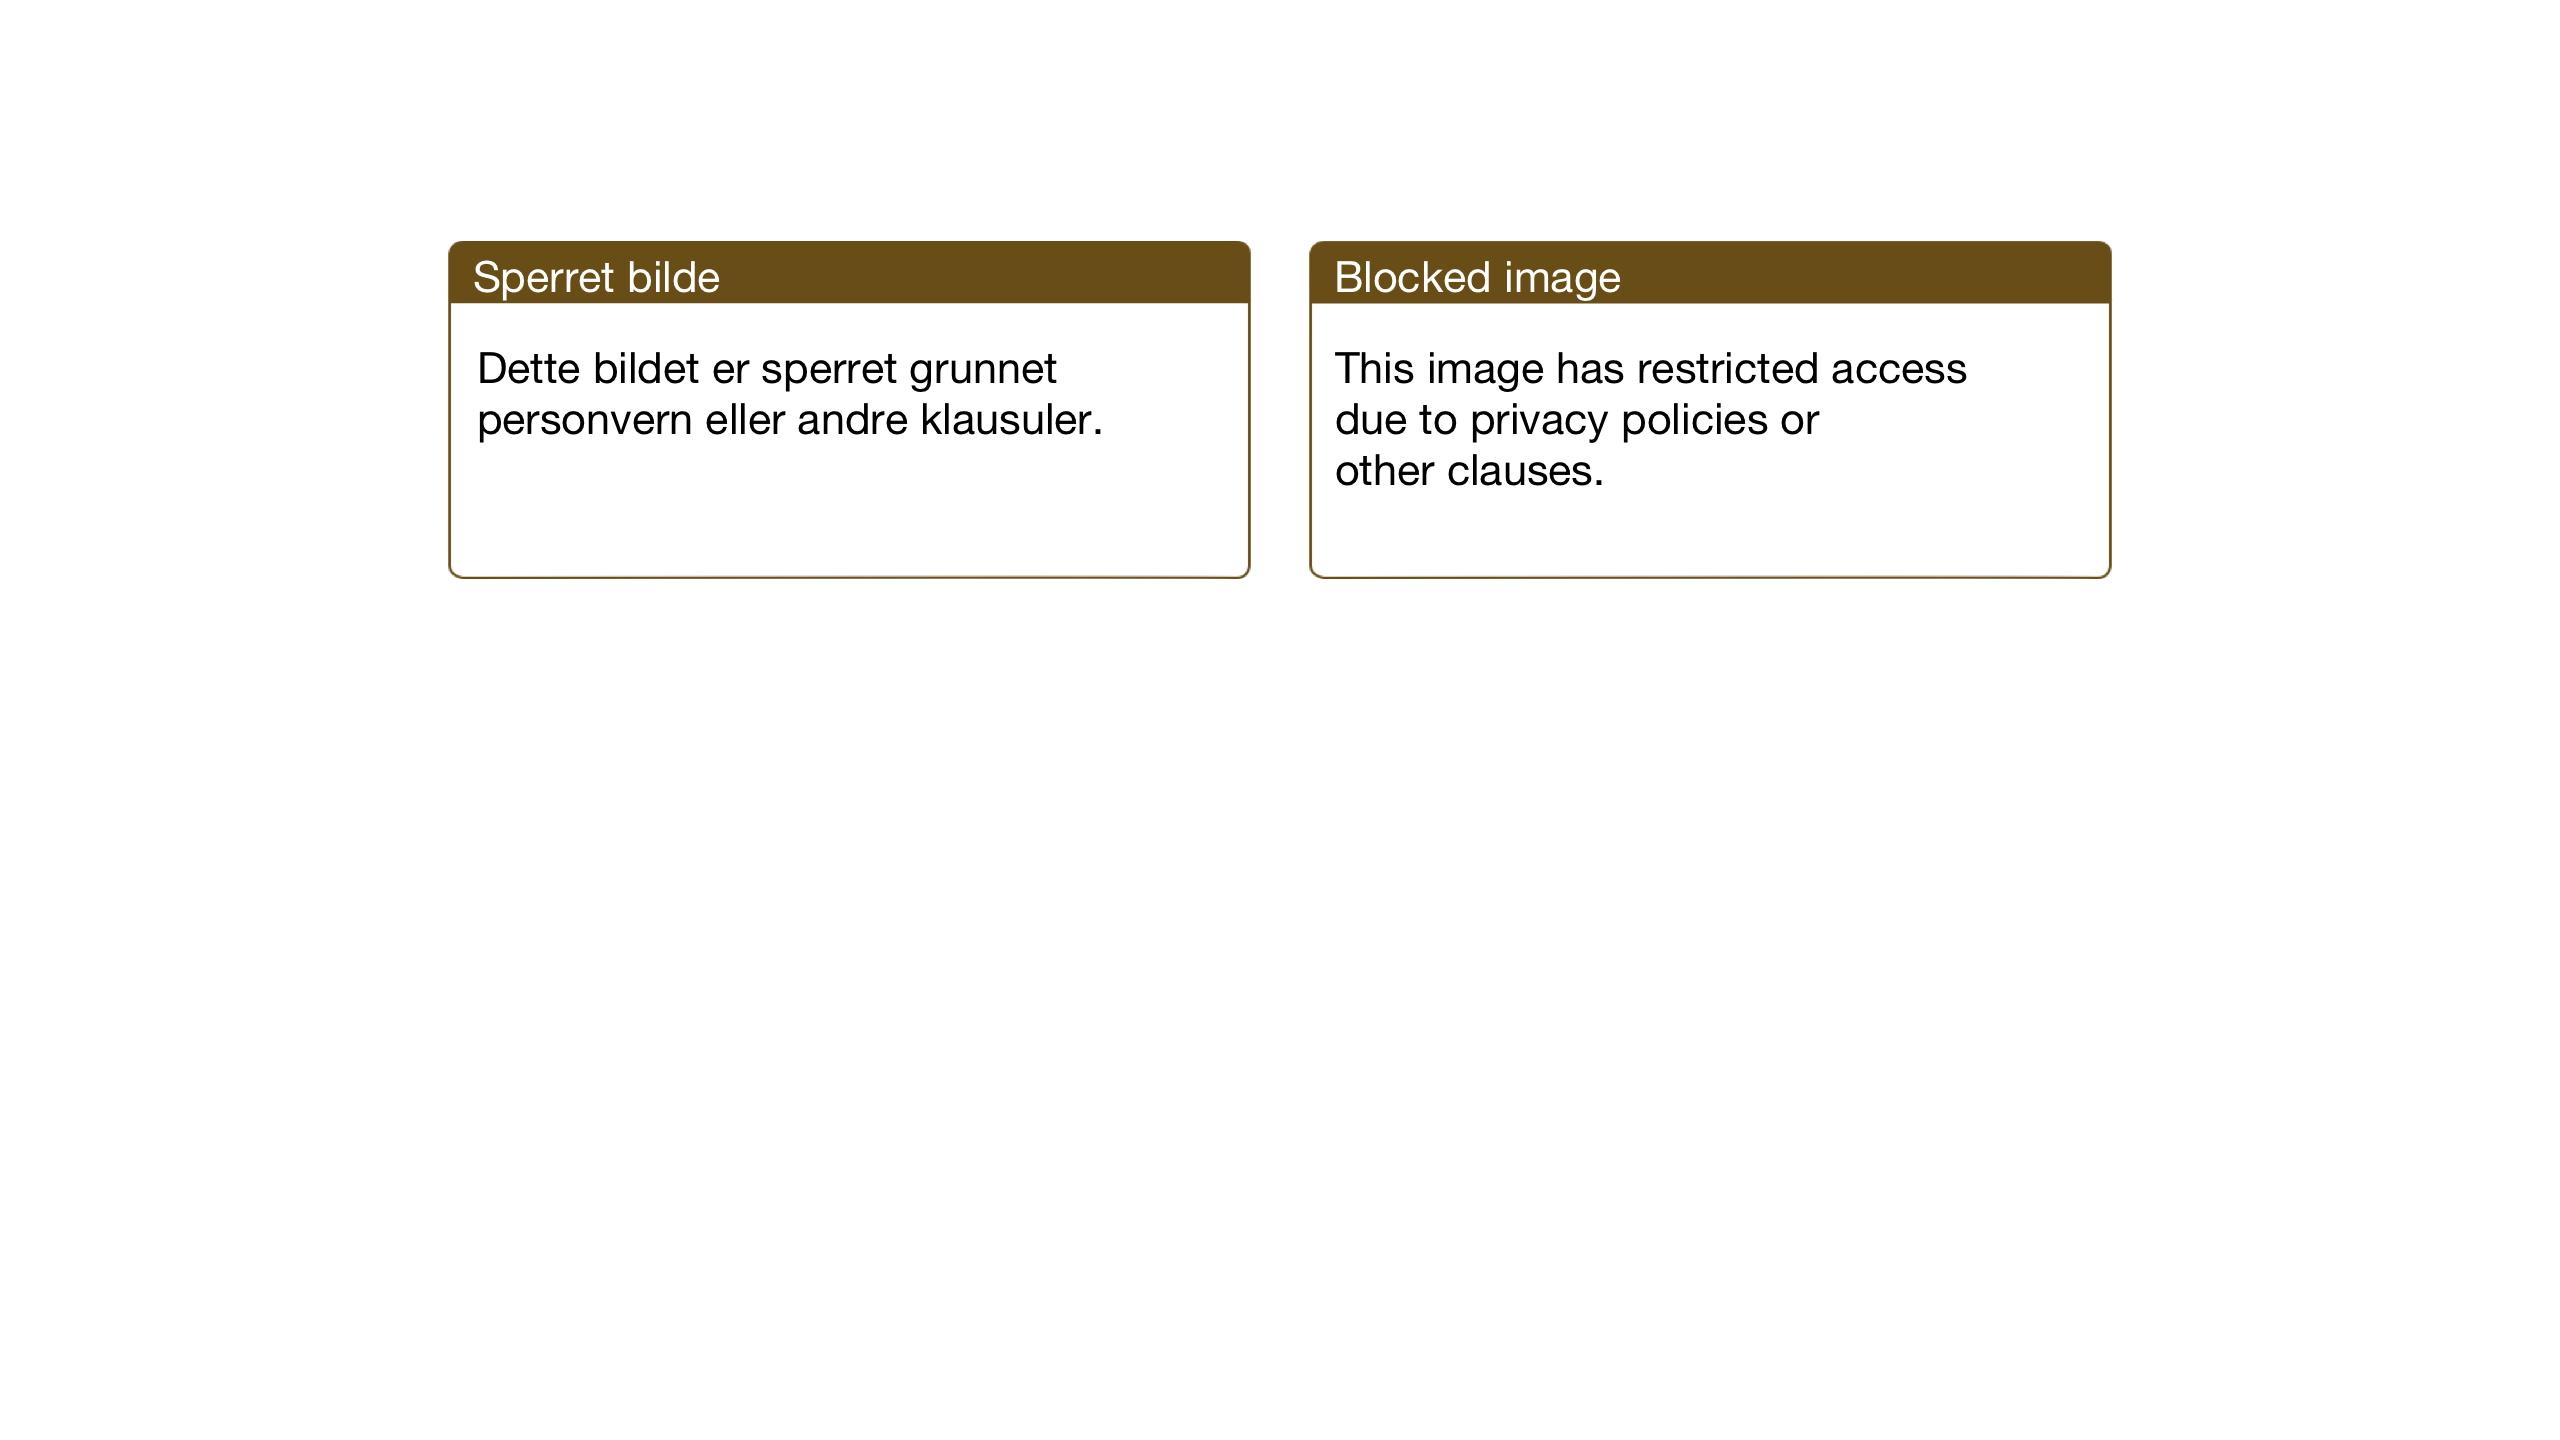 SAT, Ministerialprotokoller, klokkerbøker og fødselsregistre - Sør-Trøndelag, 674/L0877: Klokkerbok nr. 674C04, 1913-1940, s. 217